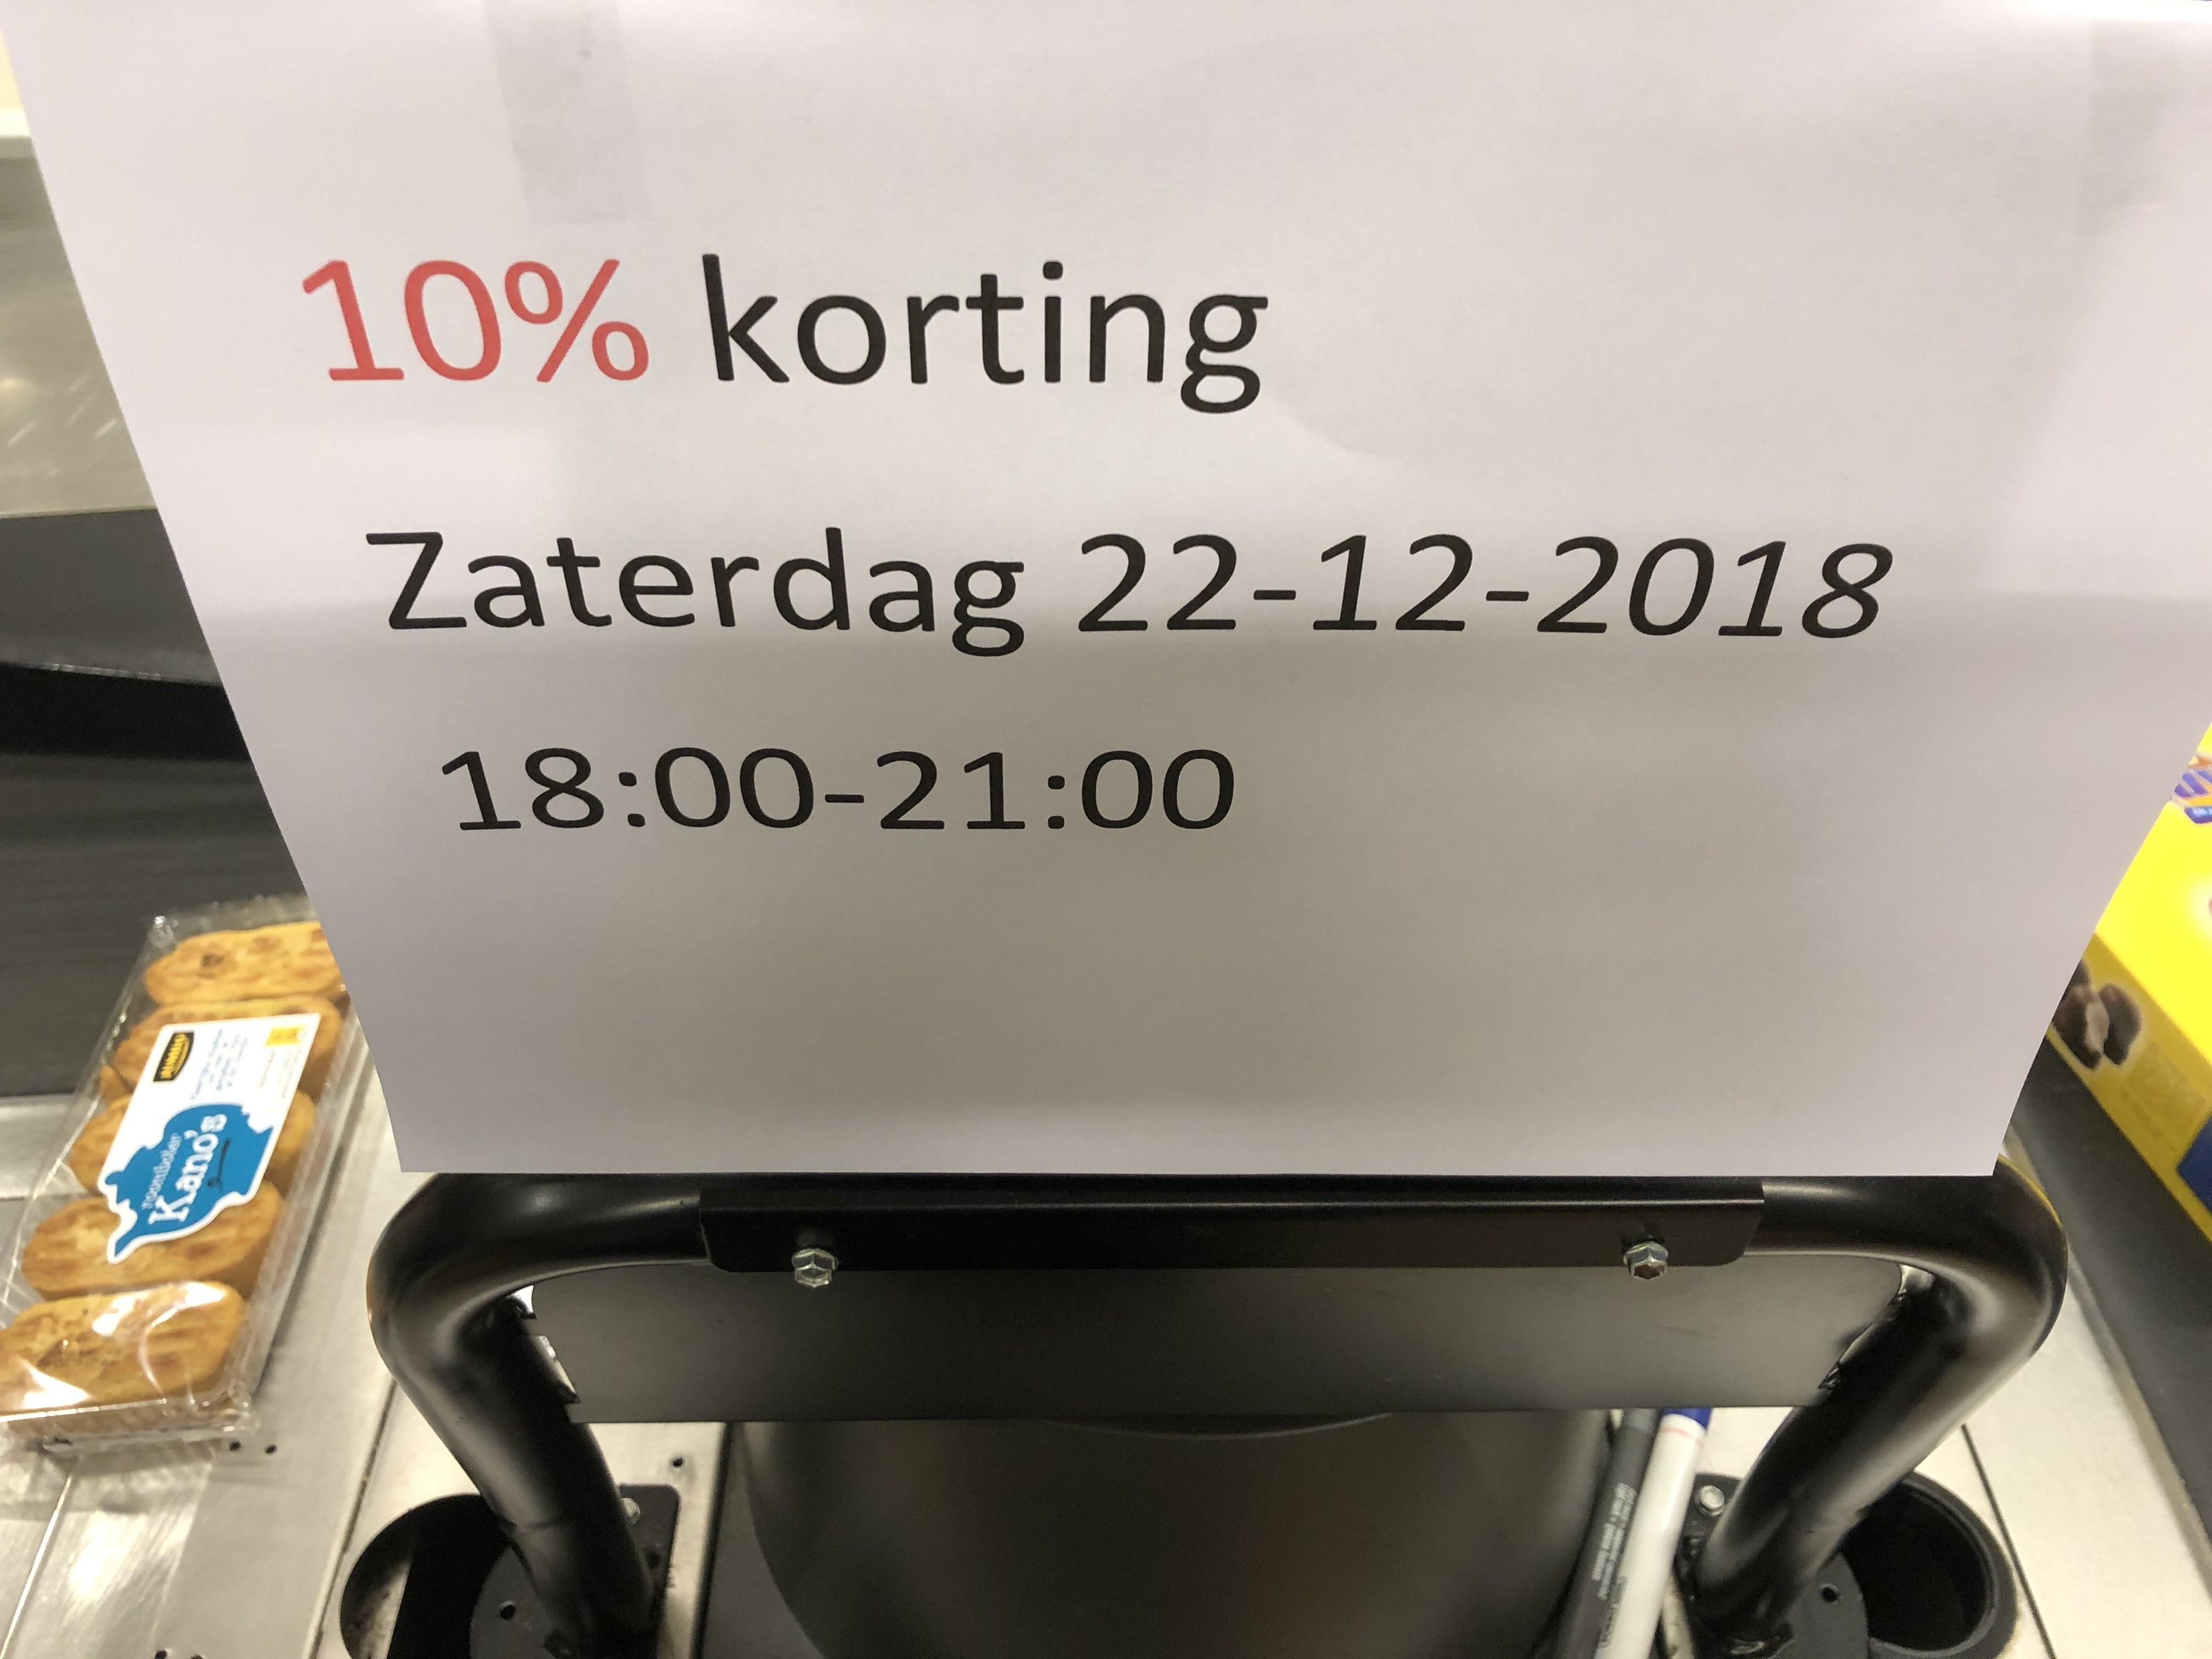 Jumbo Oost-Souburg (Zeeland) 10% korting